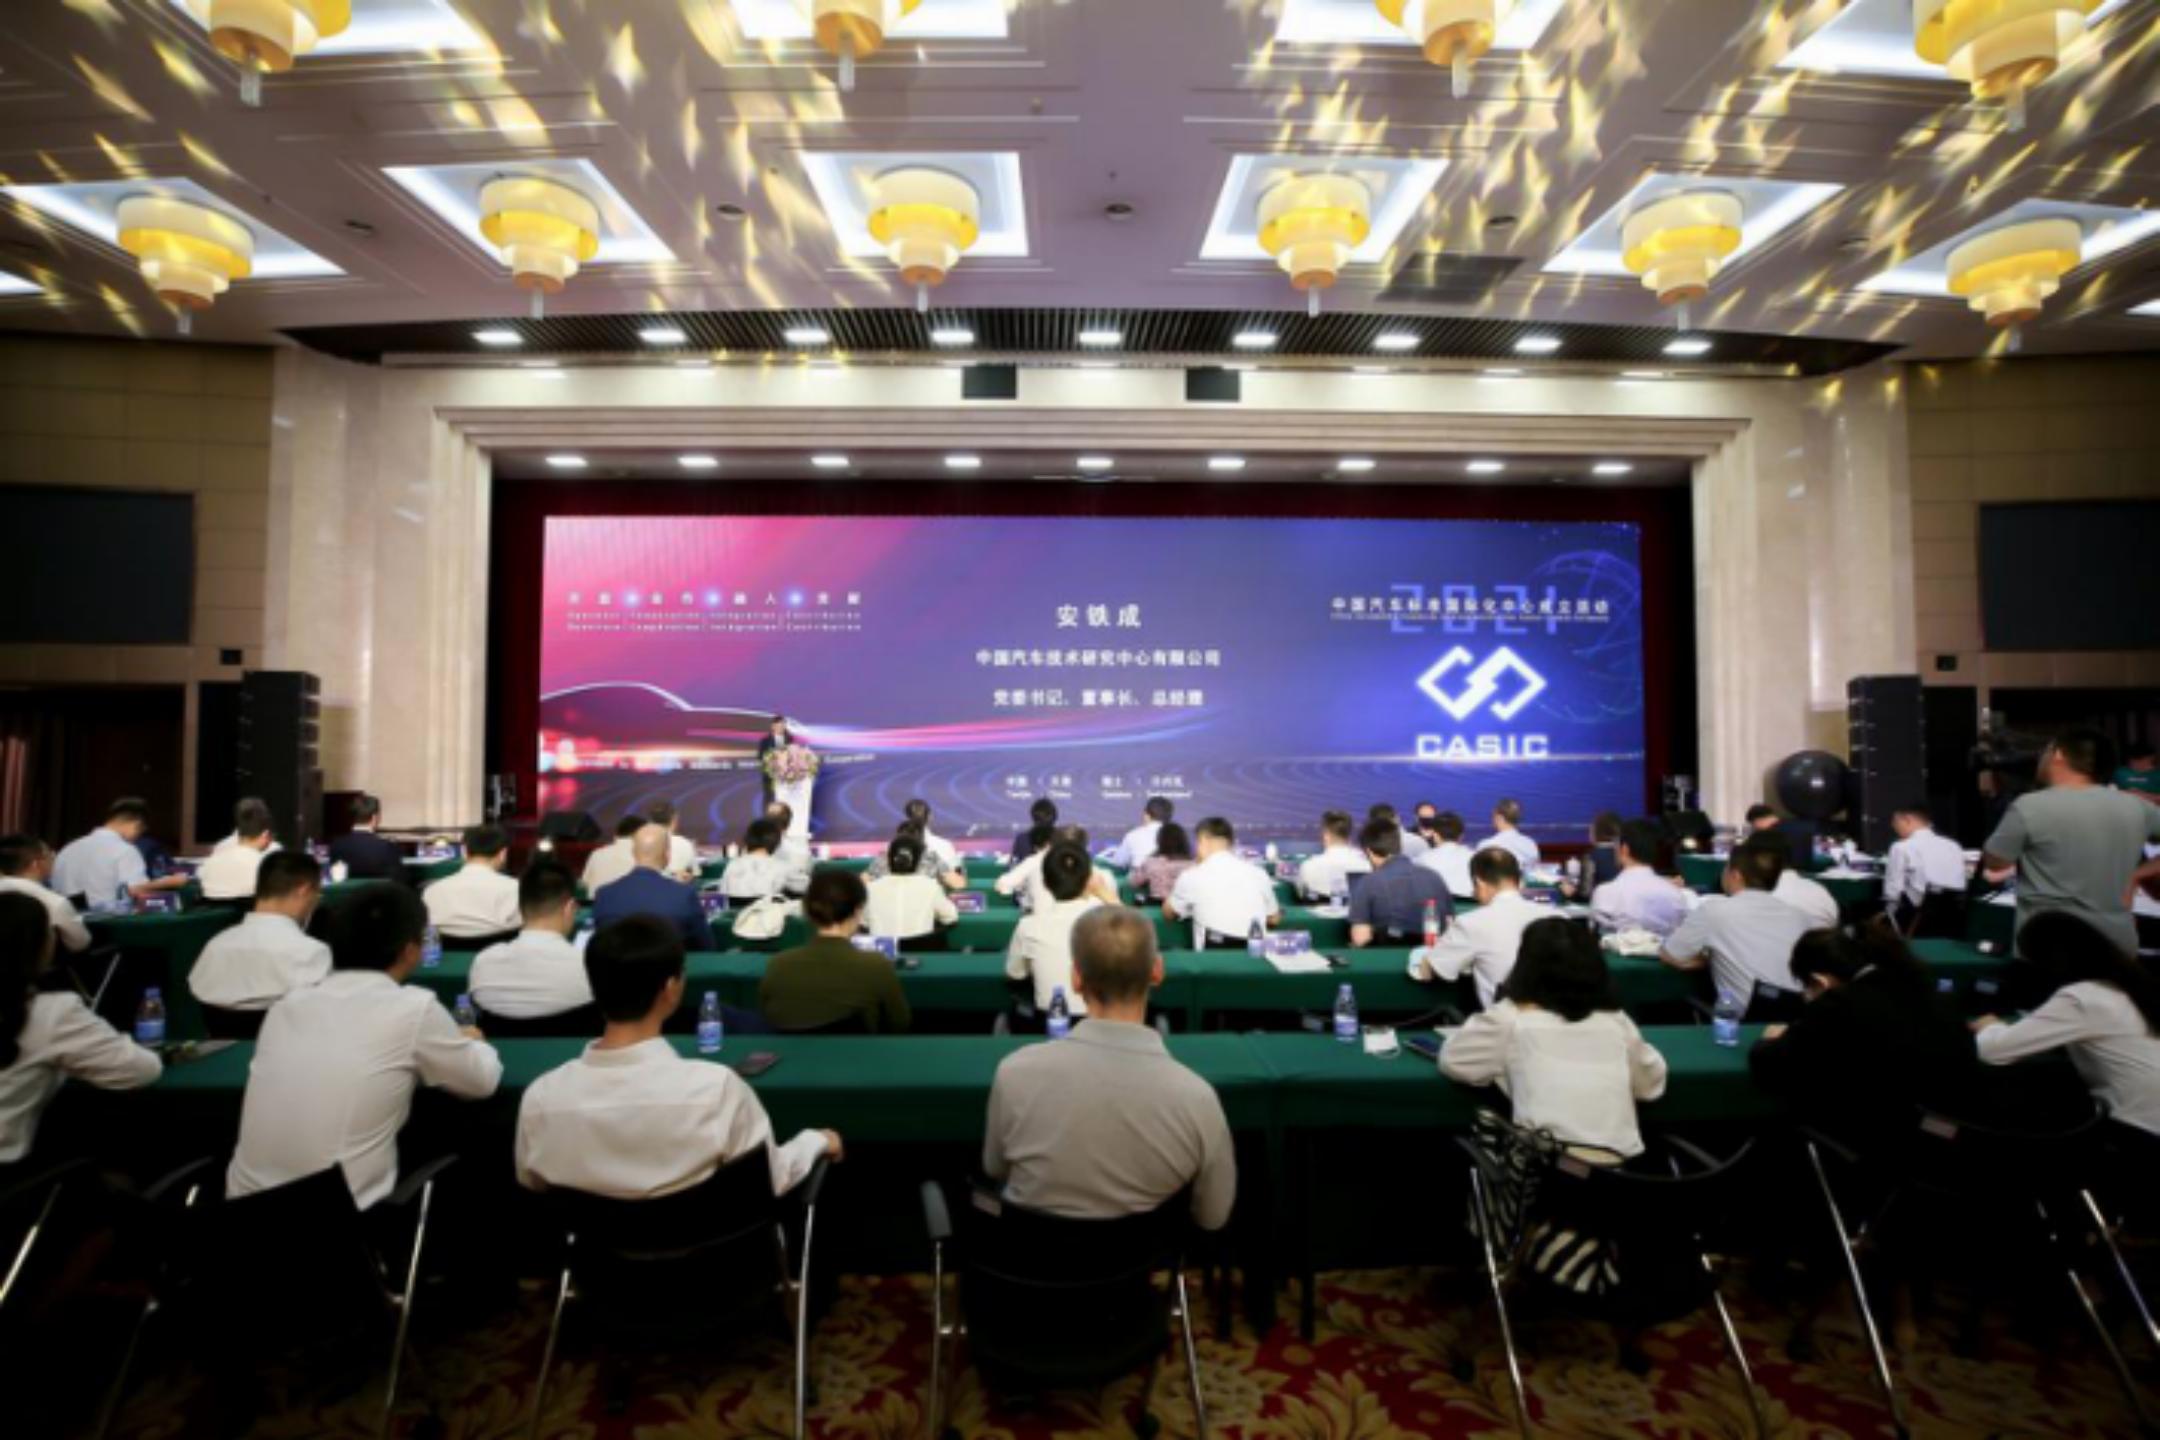 中国汽车标准国际化中心成立活动圆满举办-第15张图片-汽车笔记网